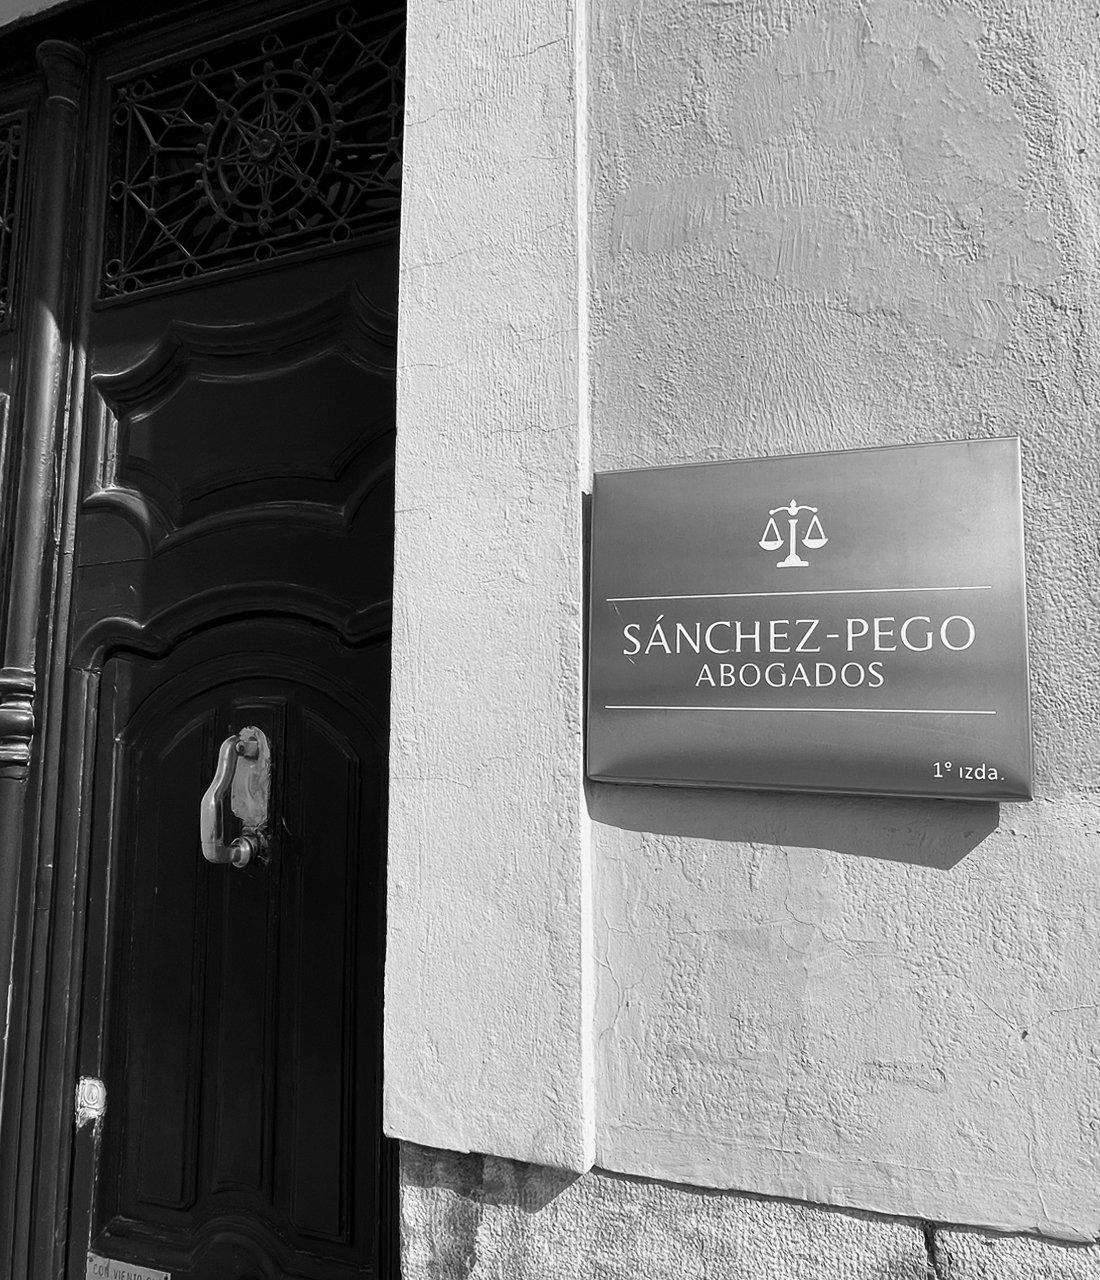 sanchez pego abogados paseo pereda 31